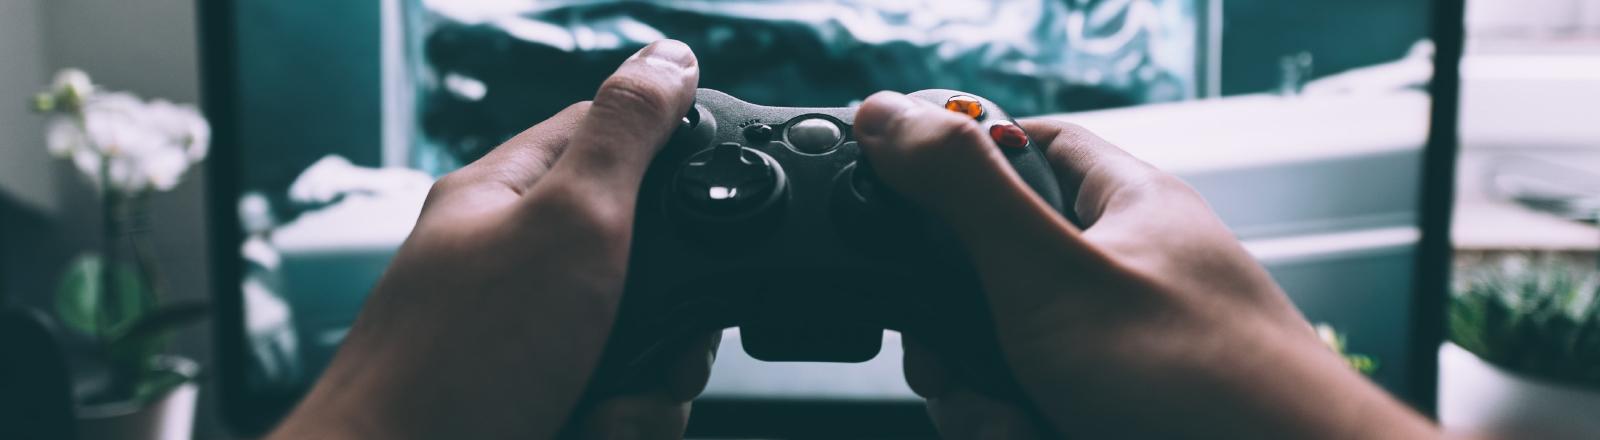 Ein Mann hält eine Gaming-Konsole